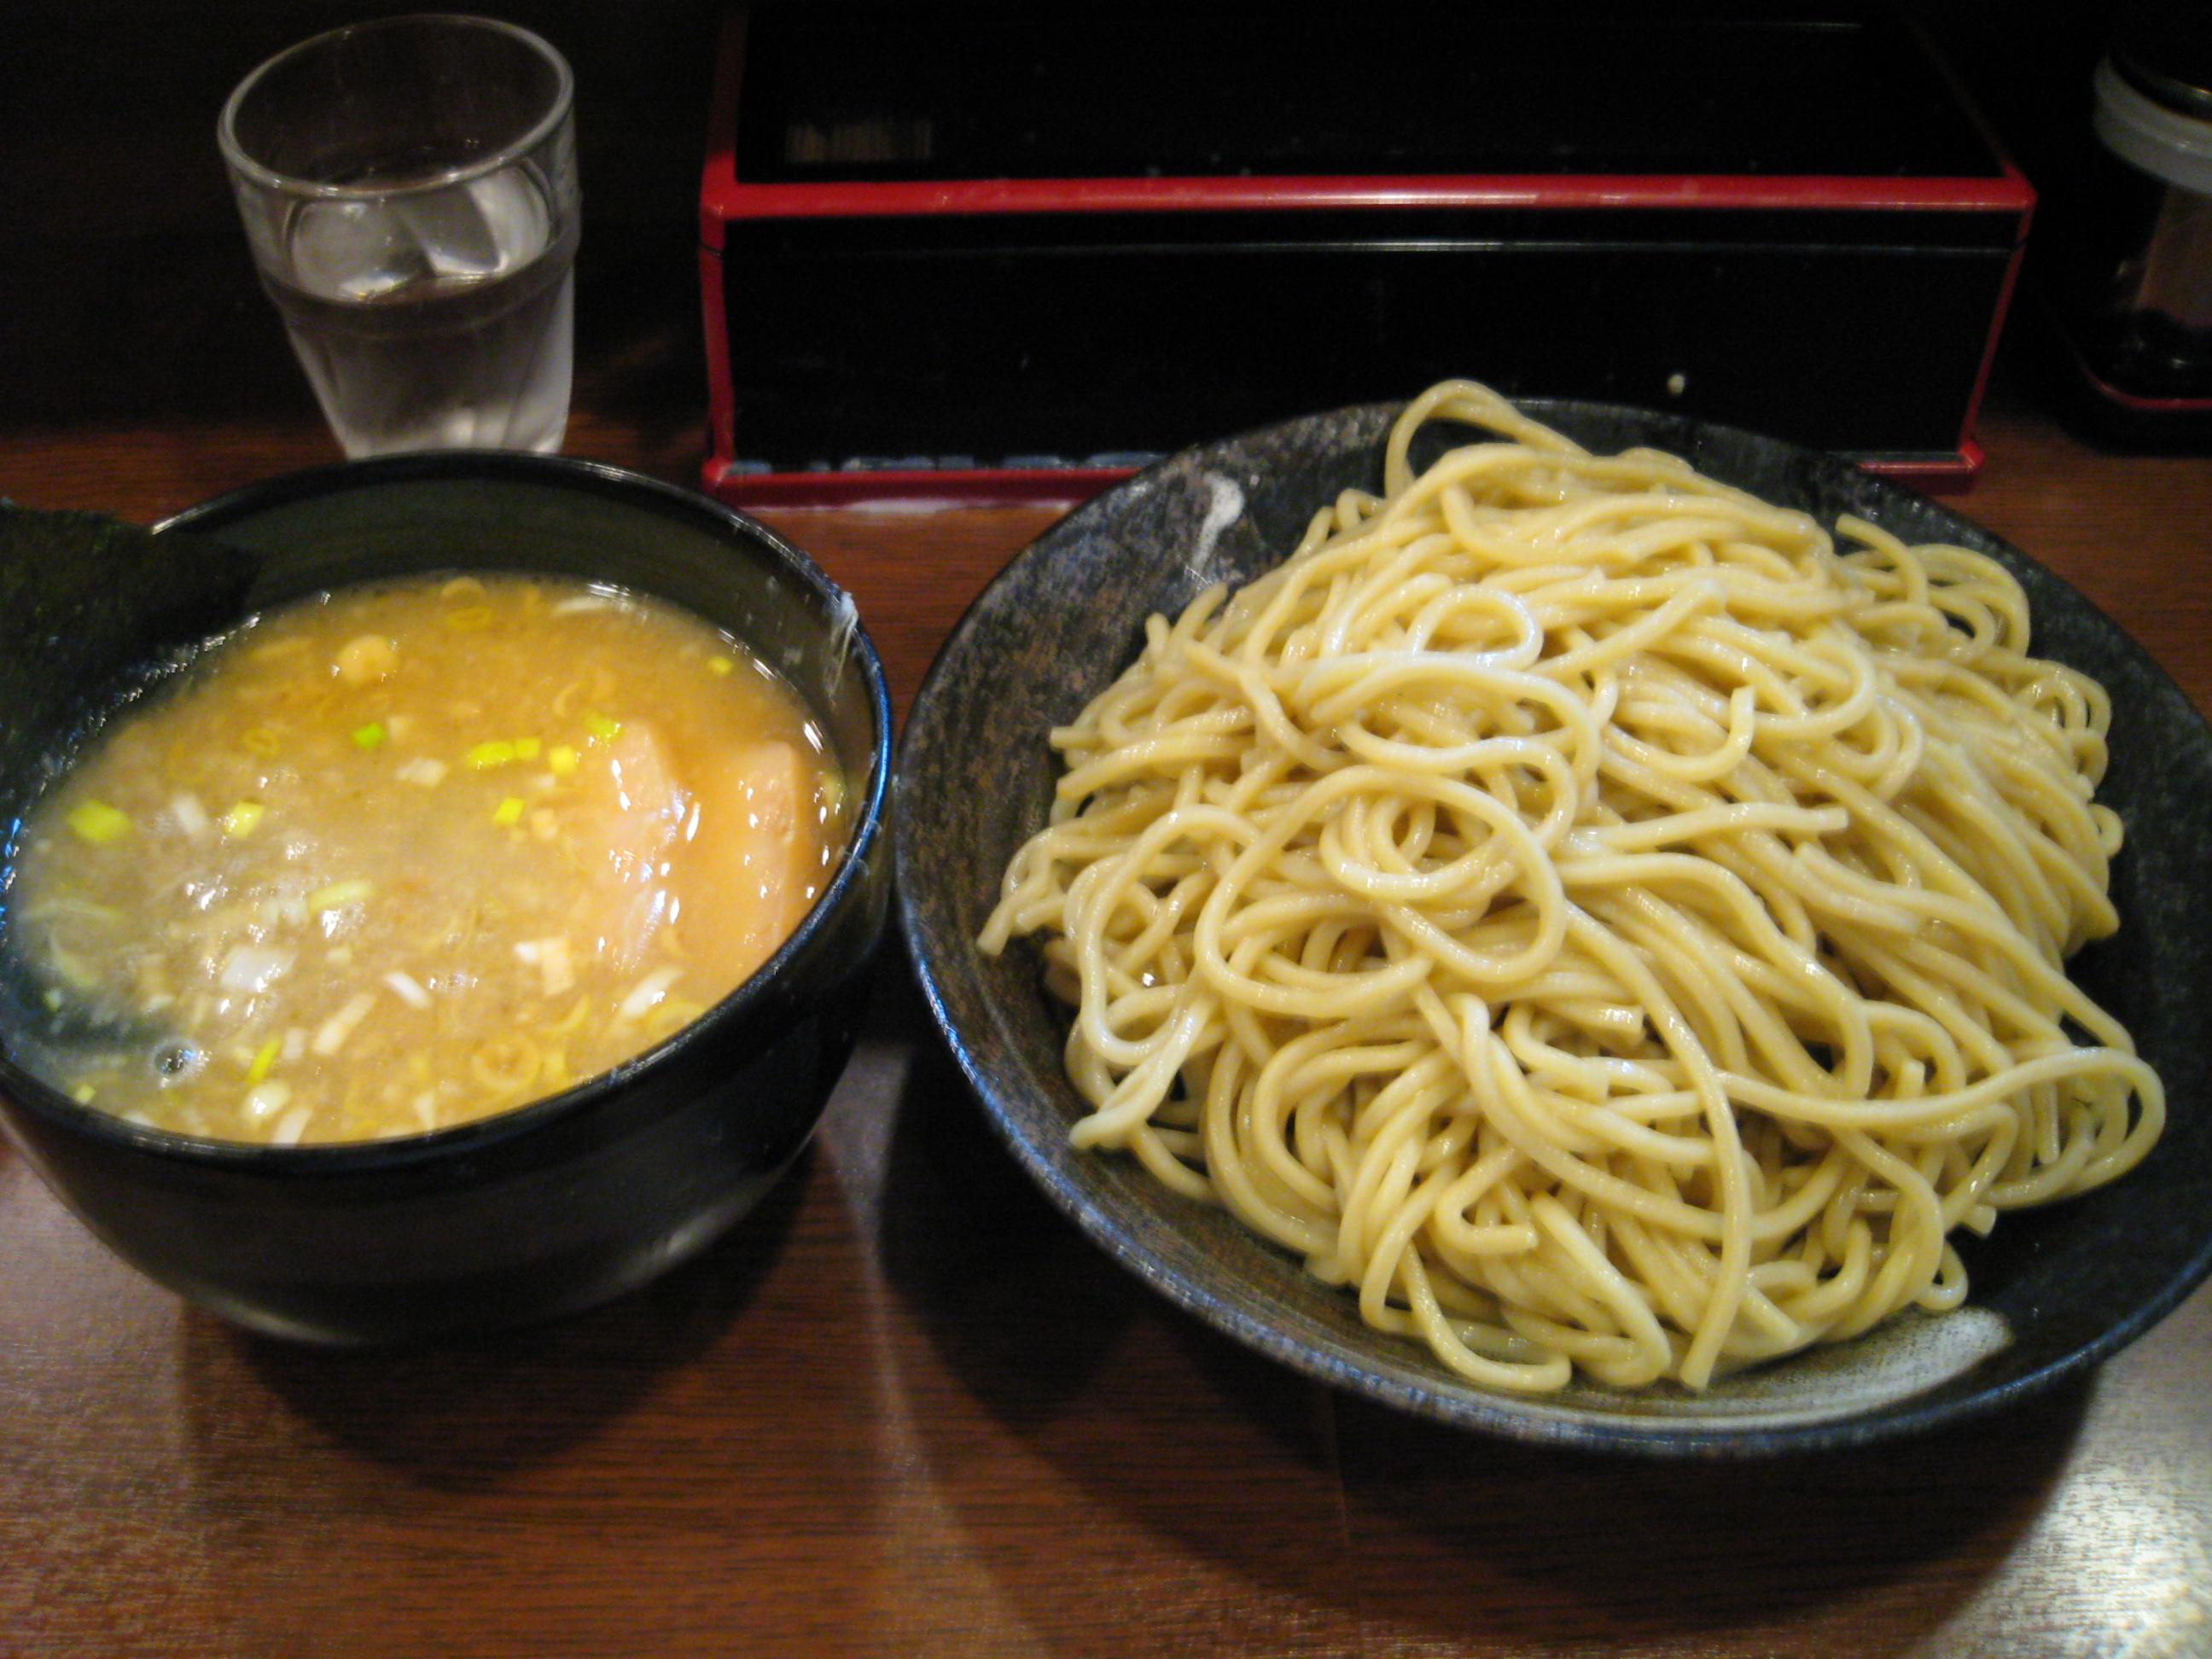 つけ麺の画像 p1_39